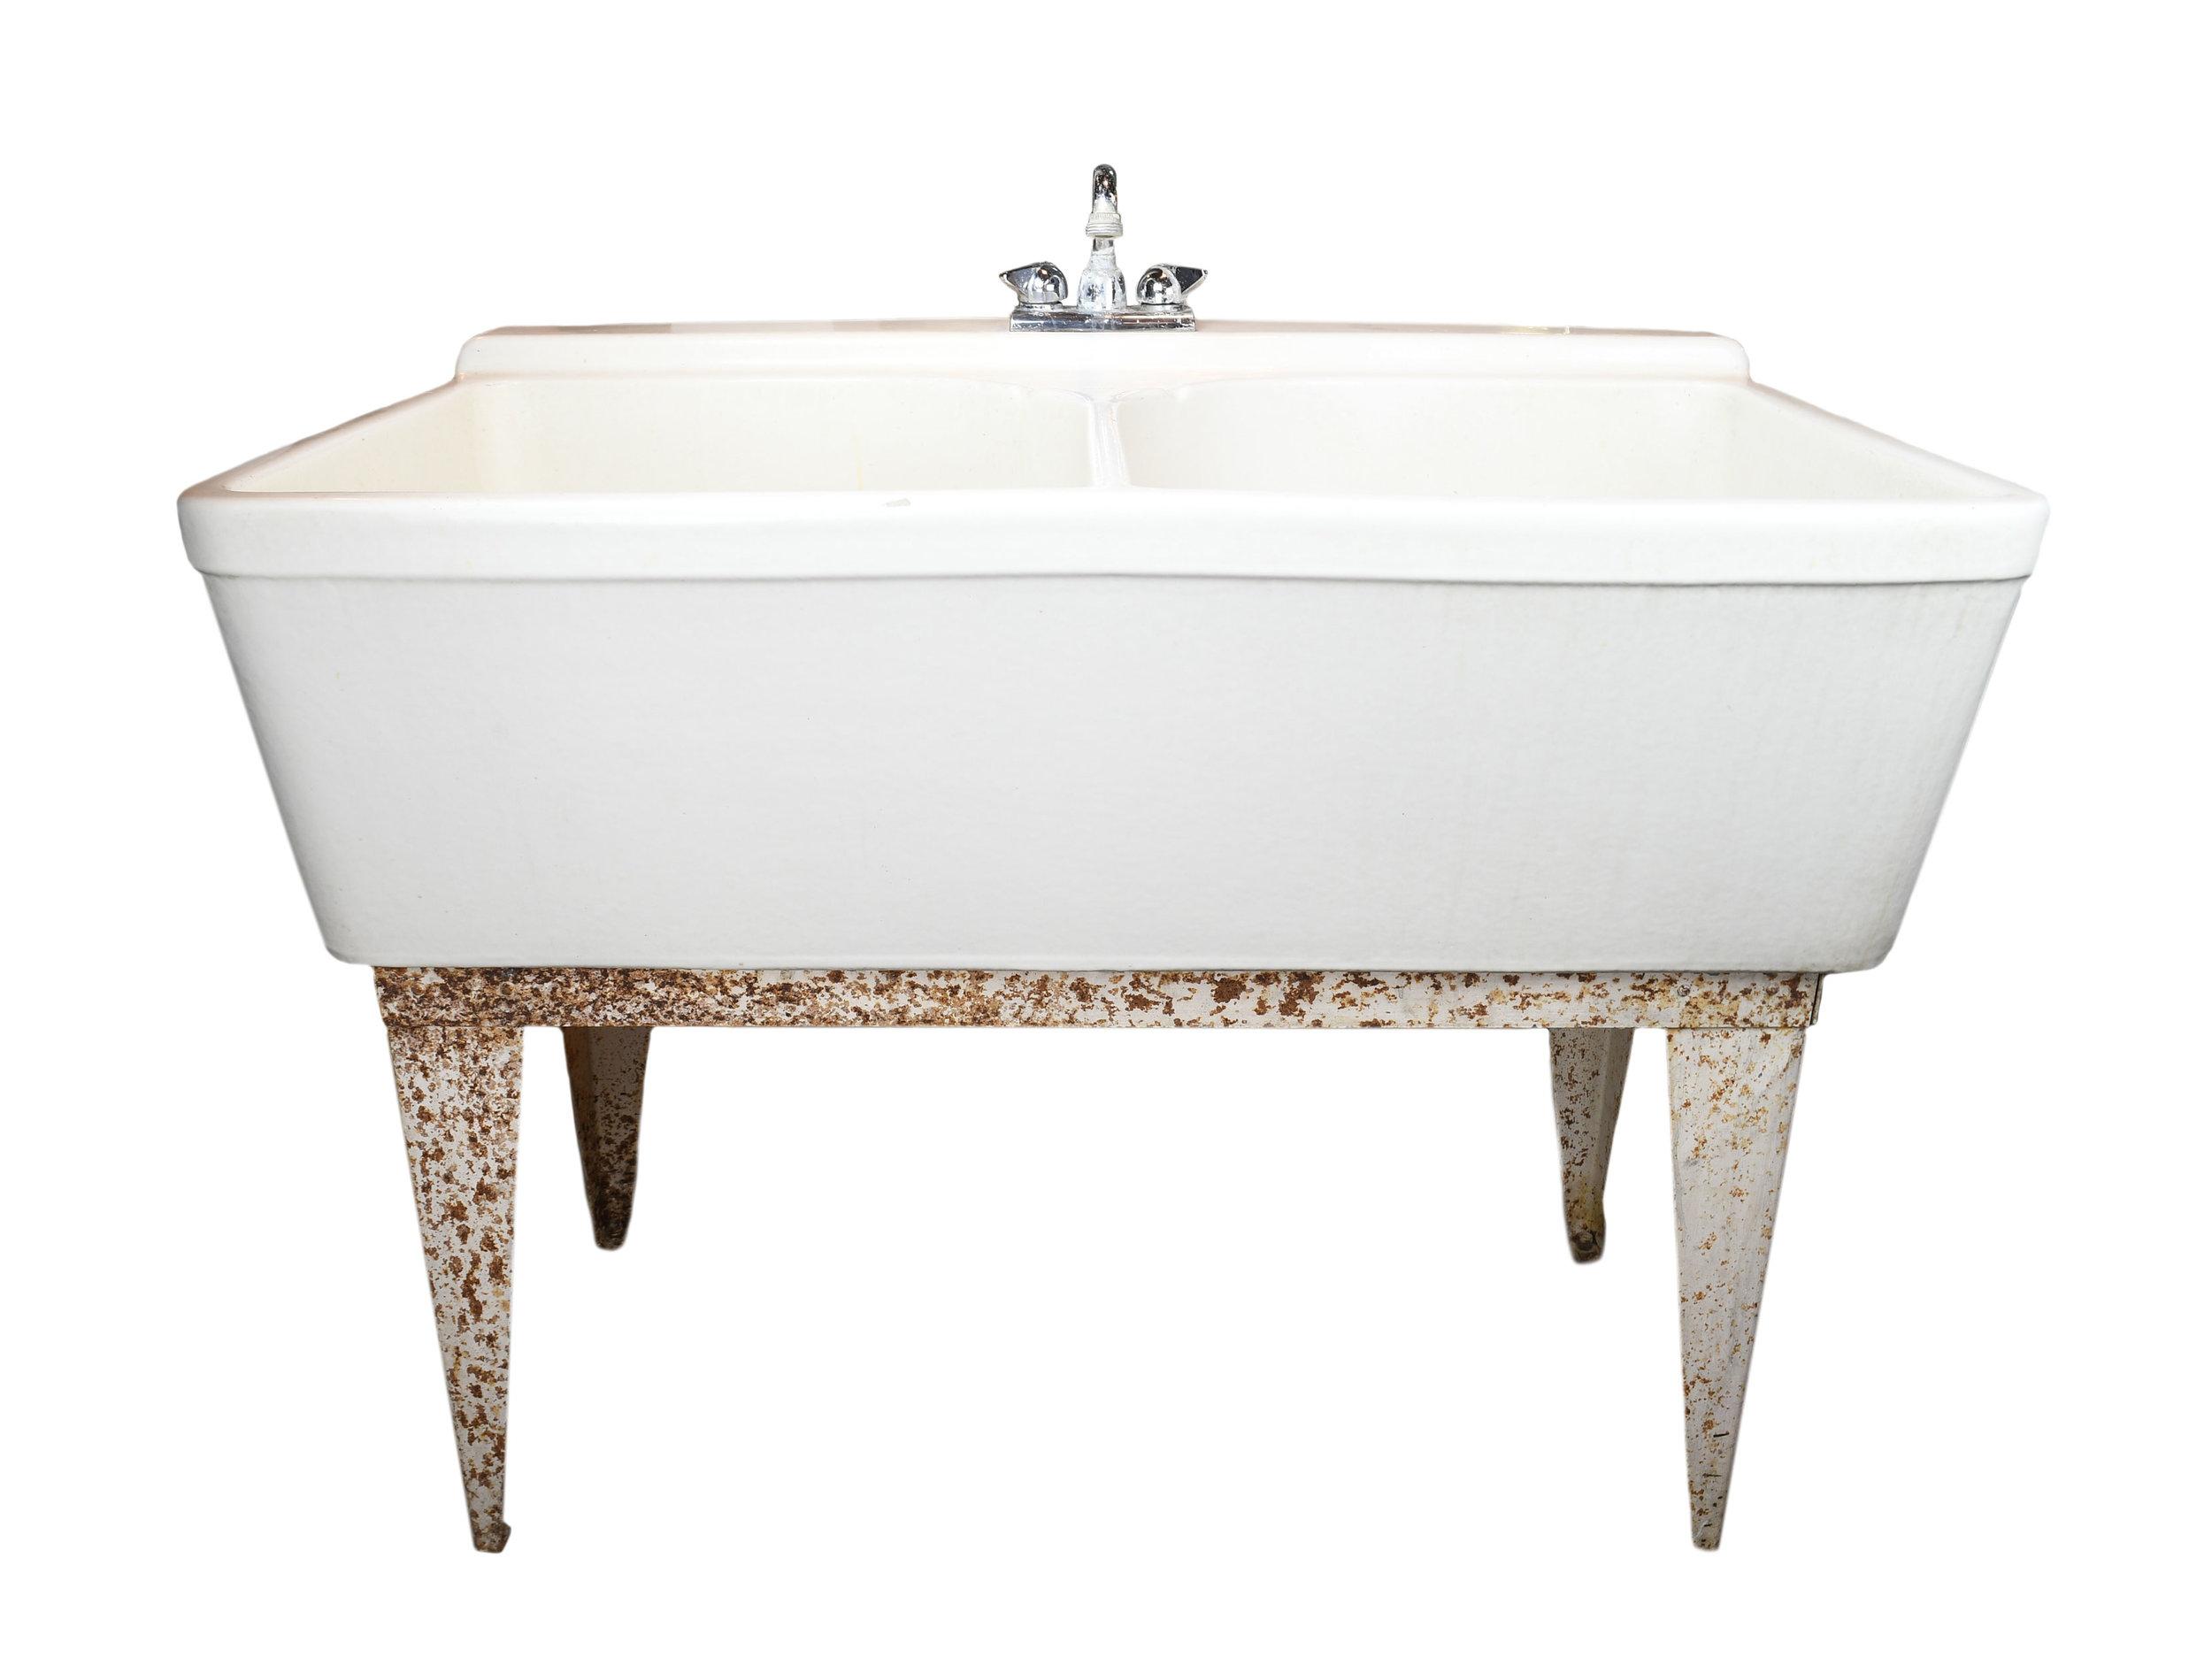 crane double basin porcelain sink architectural antiques